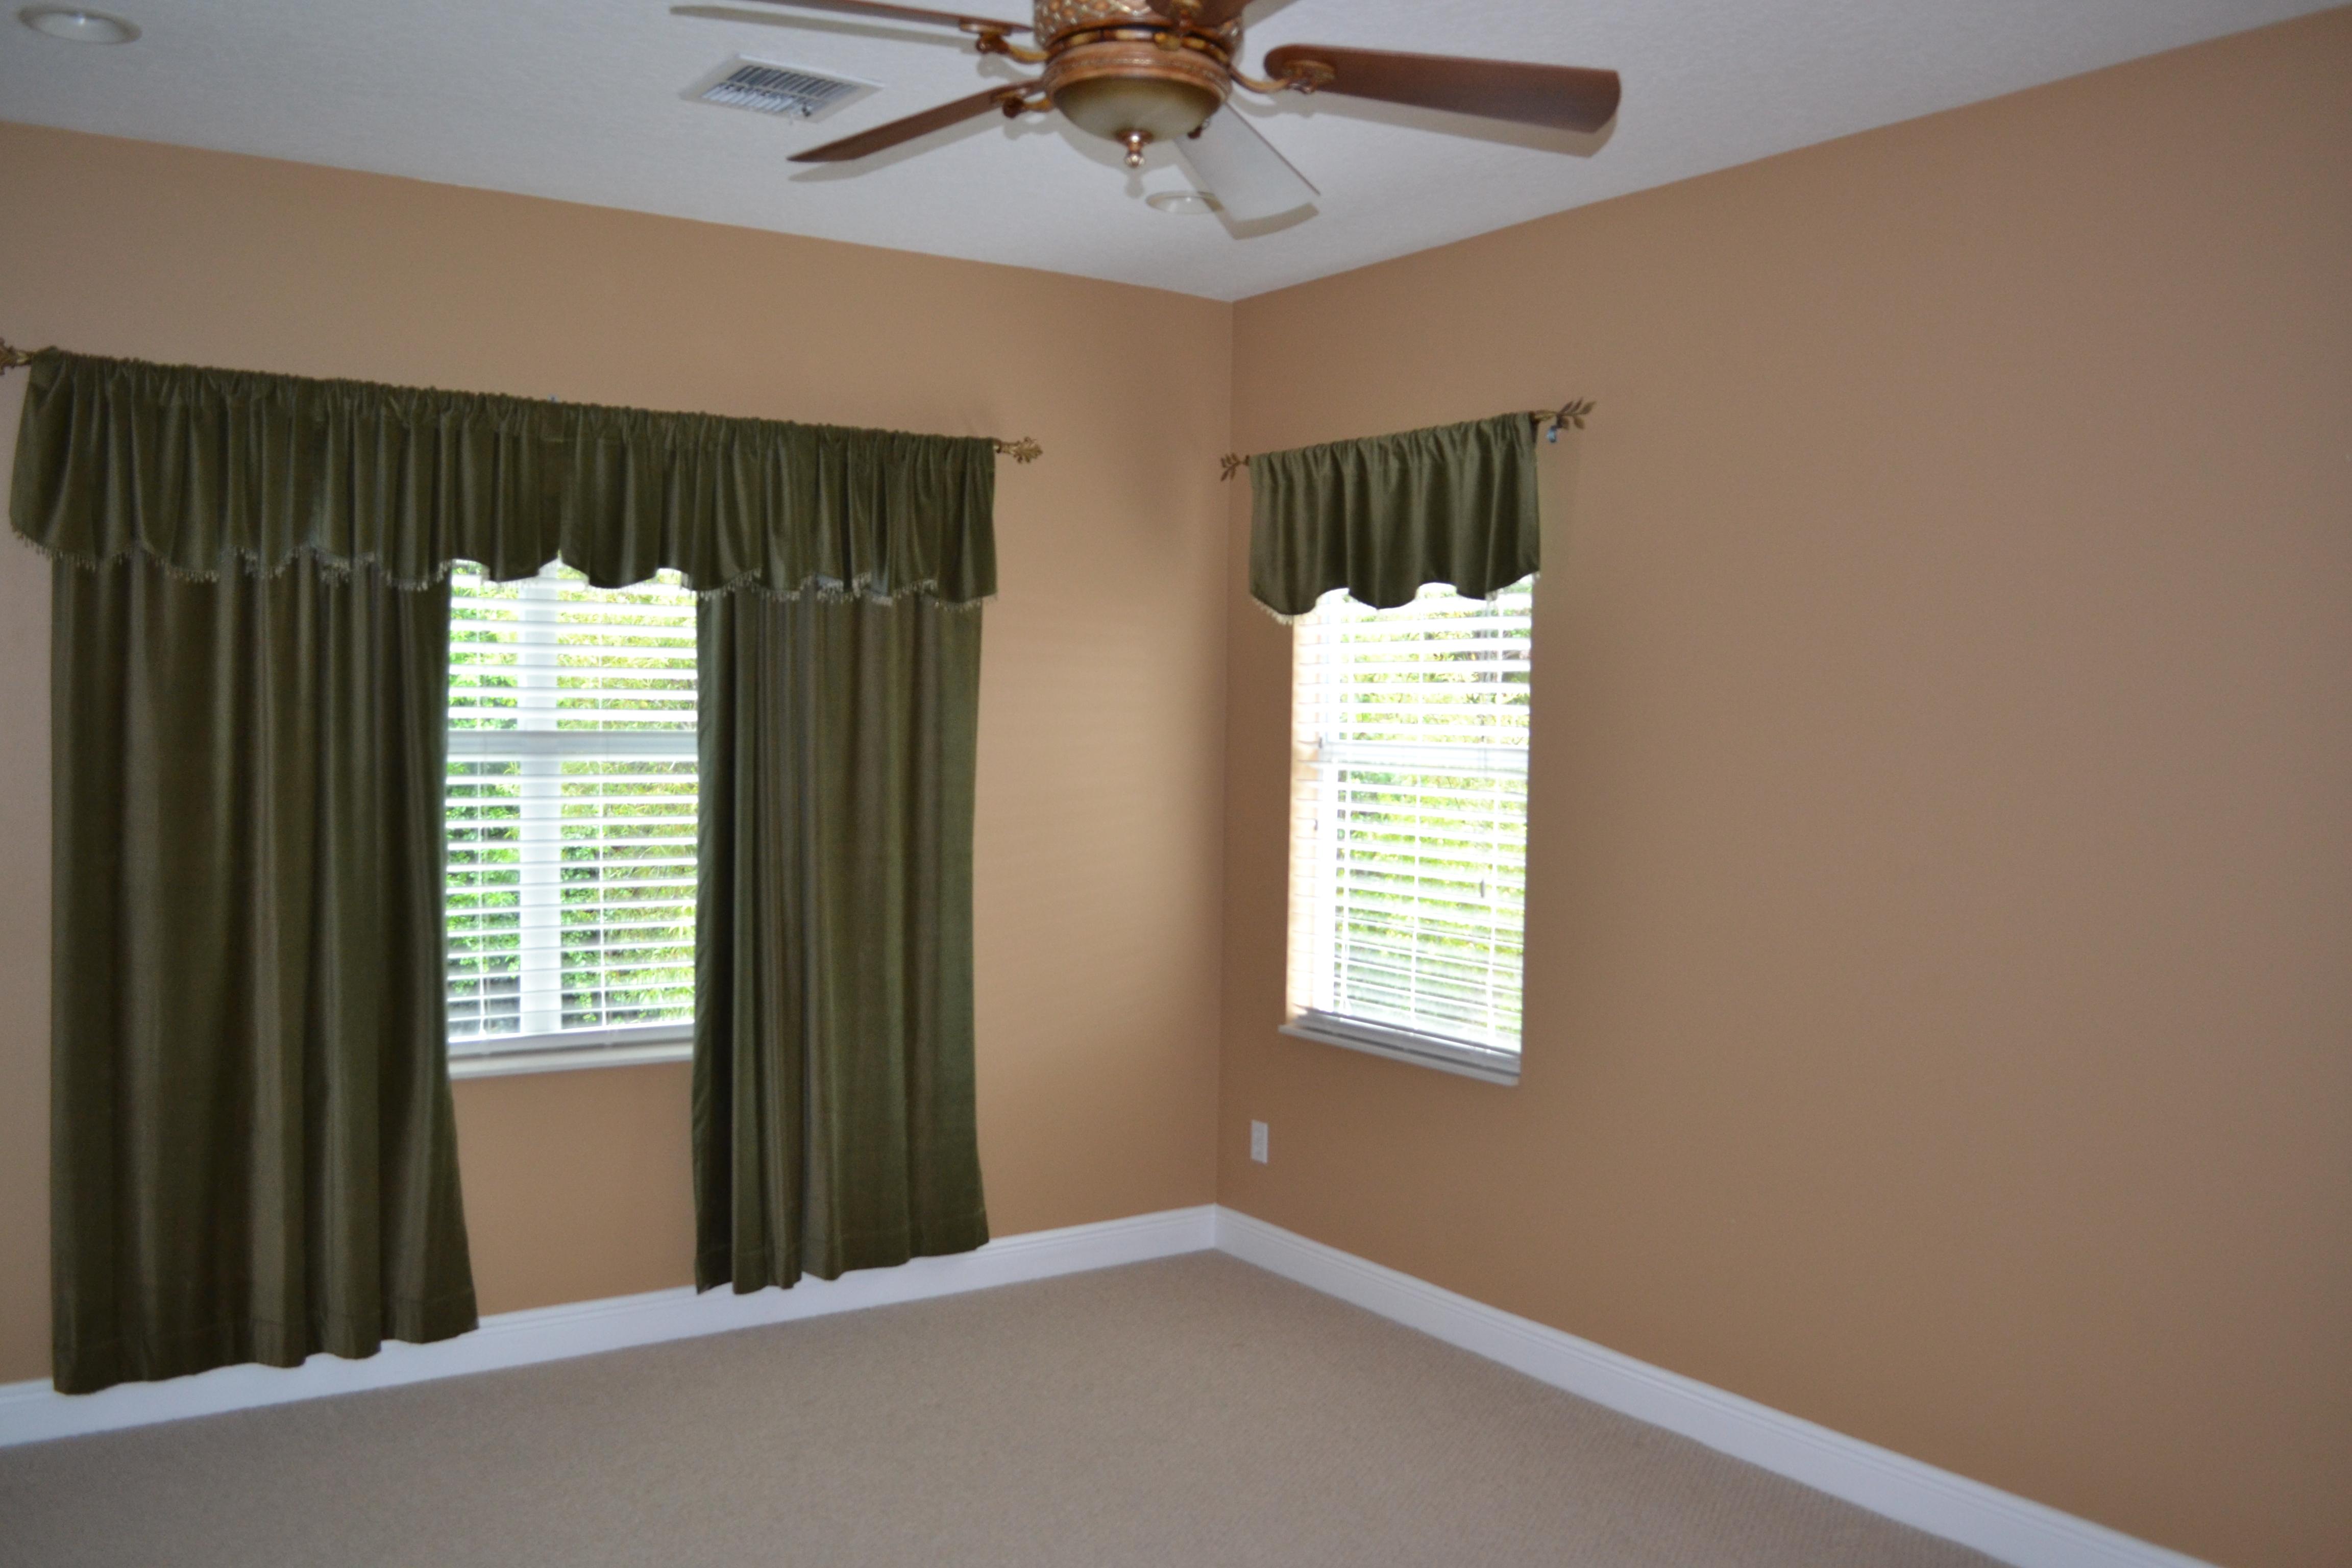 Photo of 5582 Whispering Woods Pt, Sanford, FL, 32771